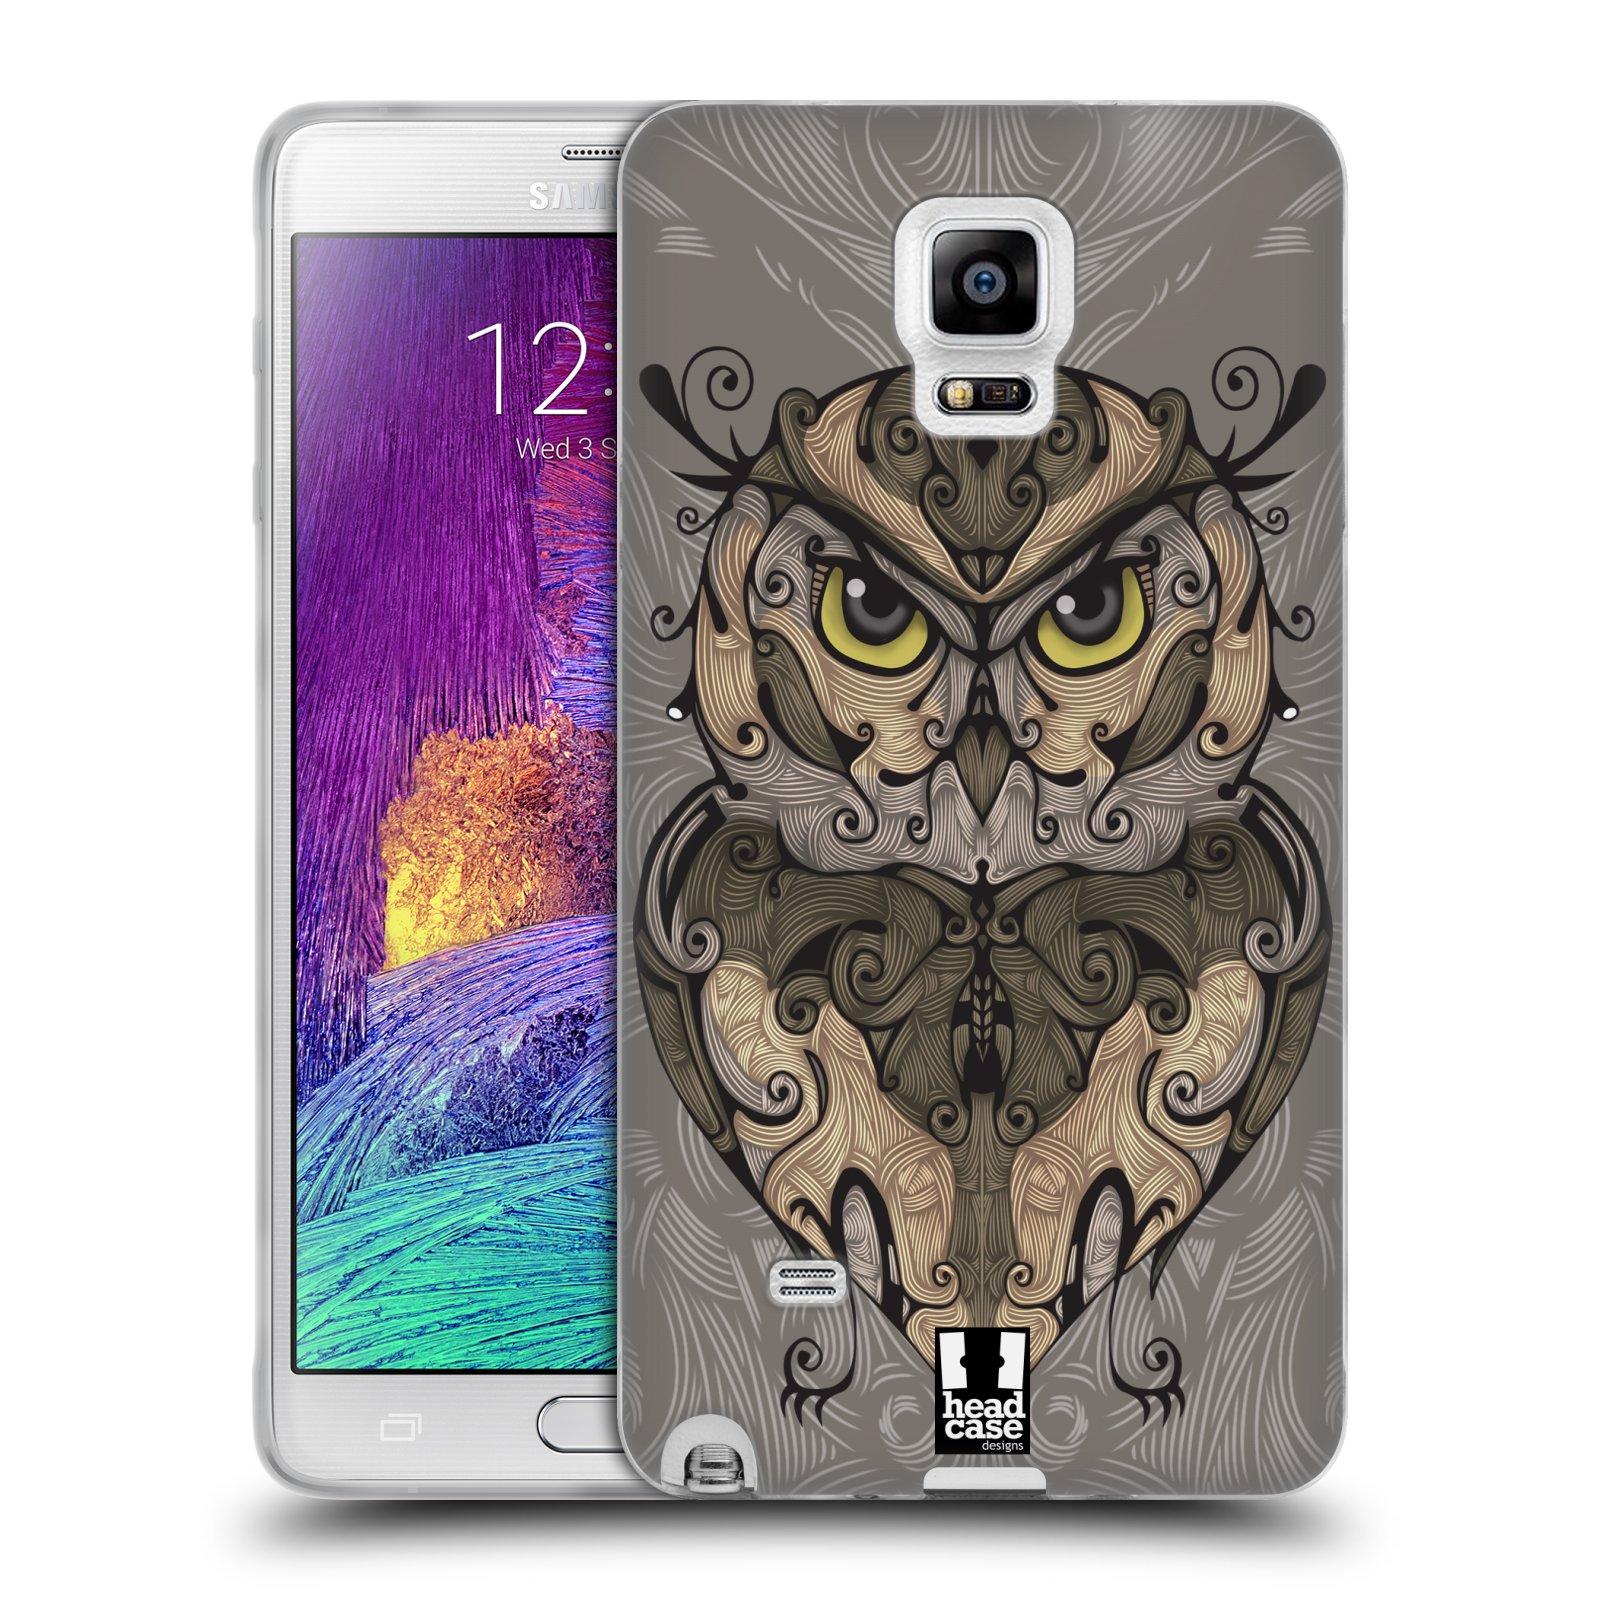 HEAD CASE silikonový obal na mobil Samsung Galaxy Note 4 (N910) vzor kudrlinky zvíře sova